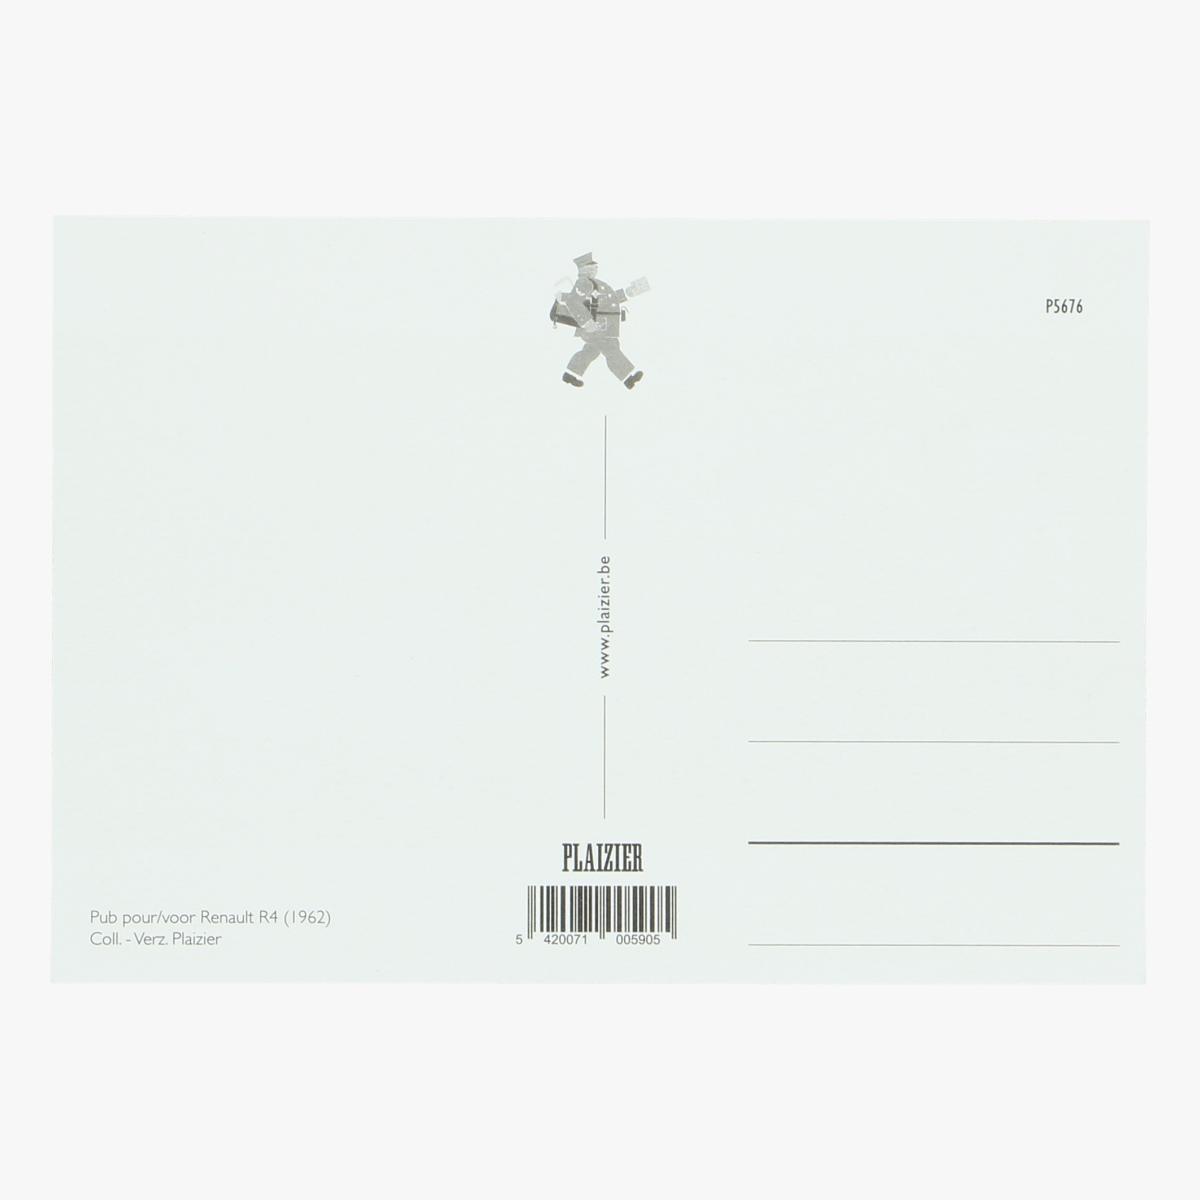 Afbeeldingen van postkaart Renault R4 (1962) repro